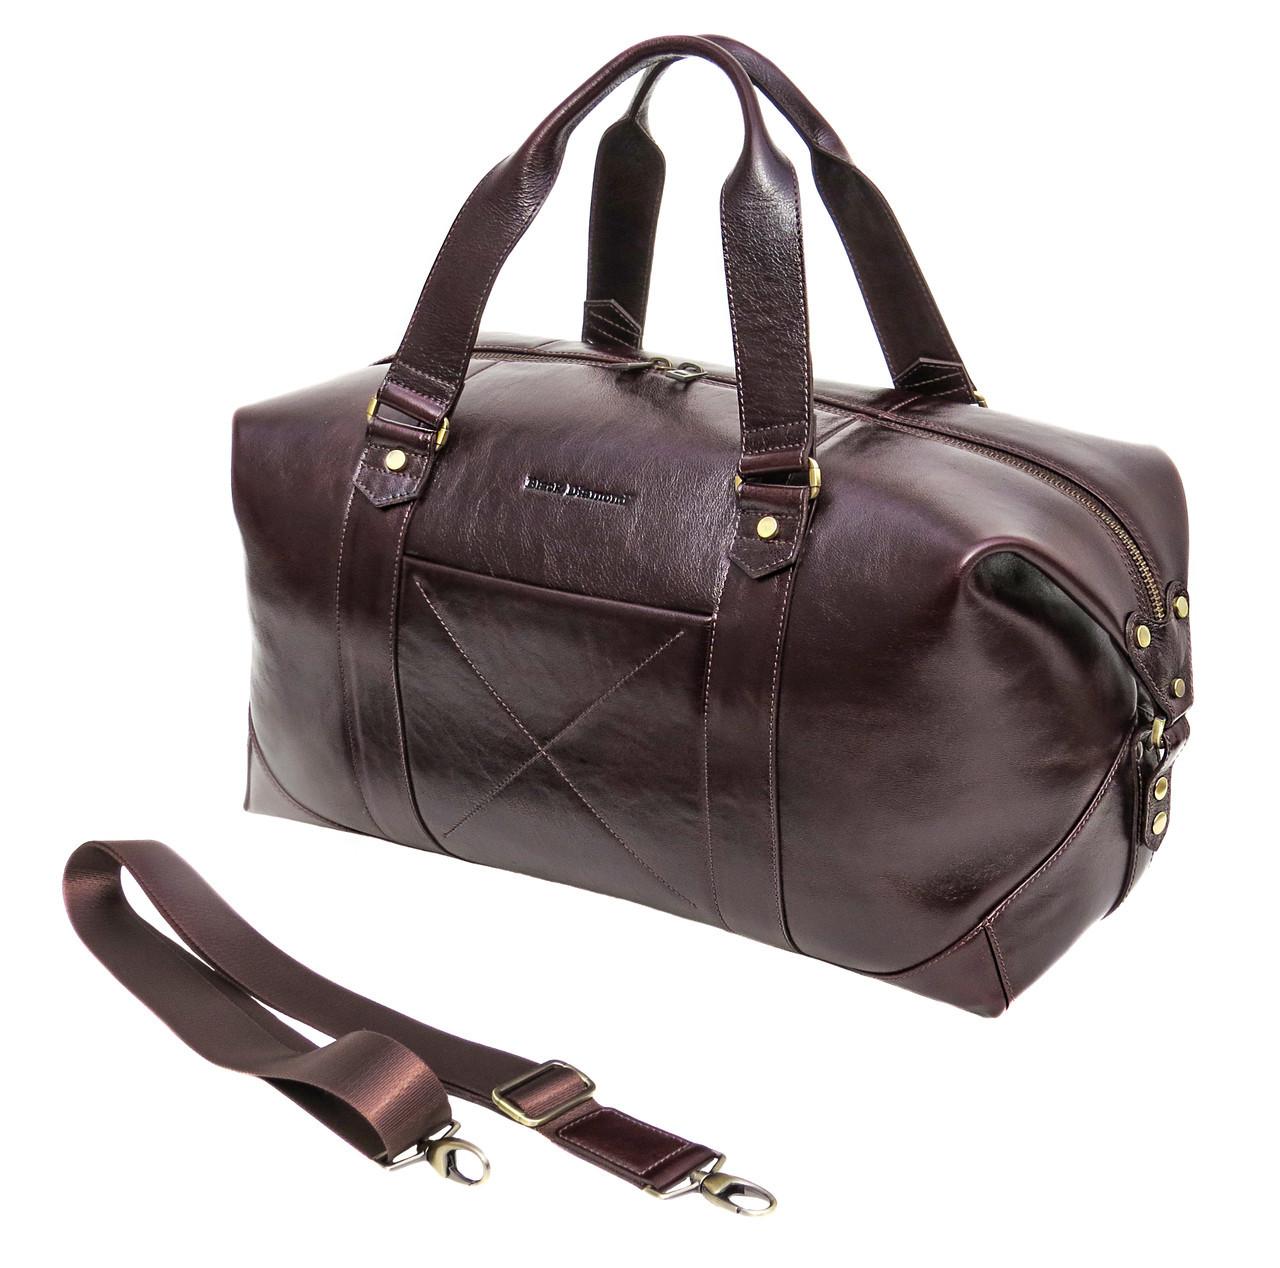 b5a220cf8d91 Мужская кожаная дорожная сумка (Баул) Black Diamond BD32Calk - Цена ...